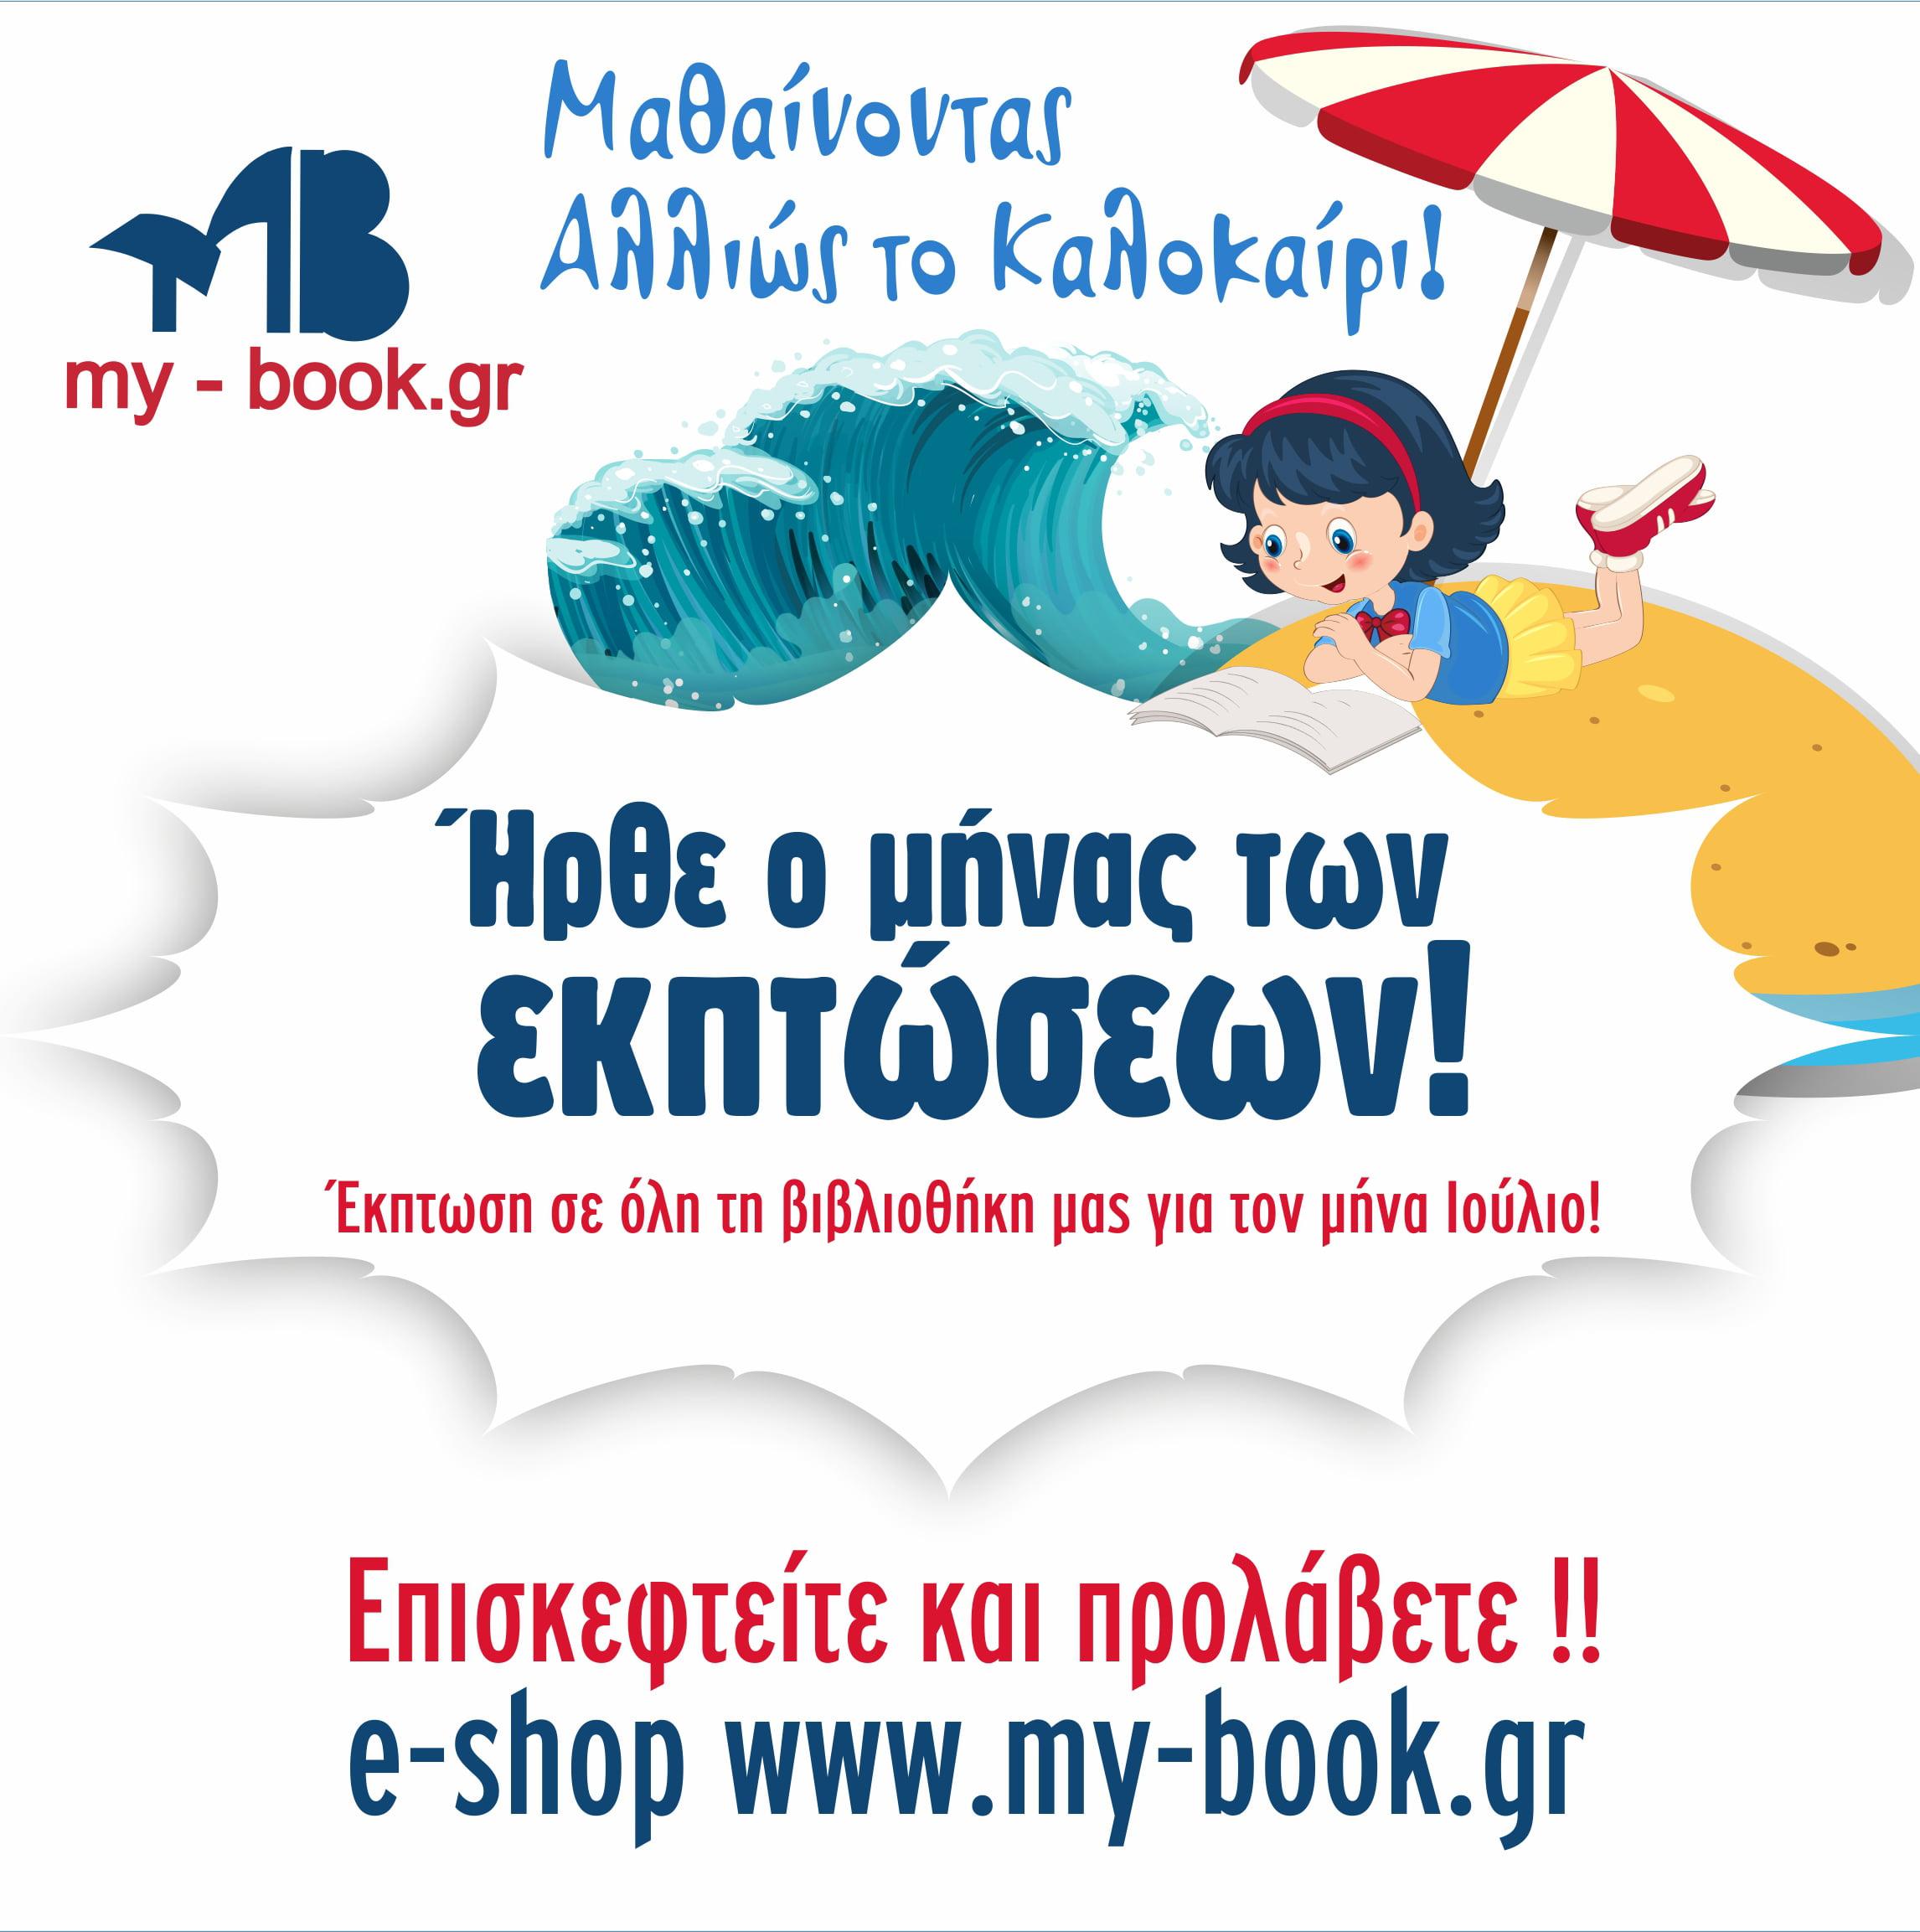 Θέλεις να εμπλουτίσεις τη βιβλιοθήκη σου;